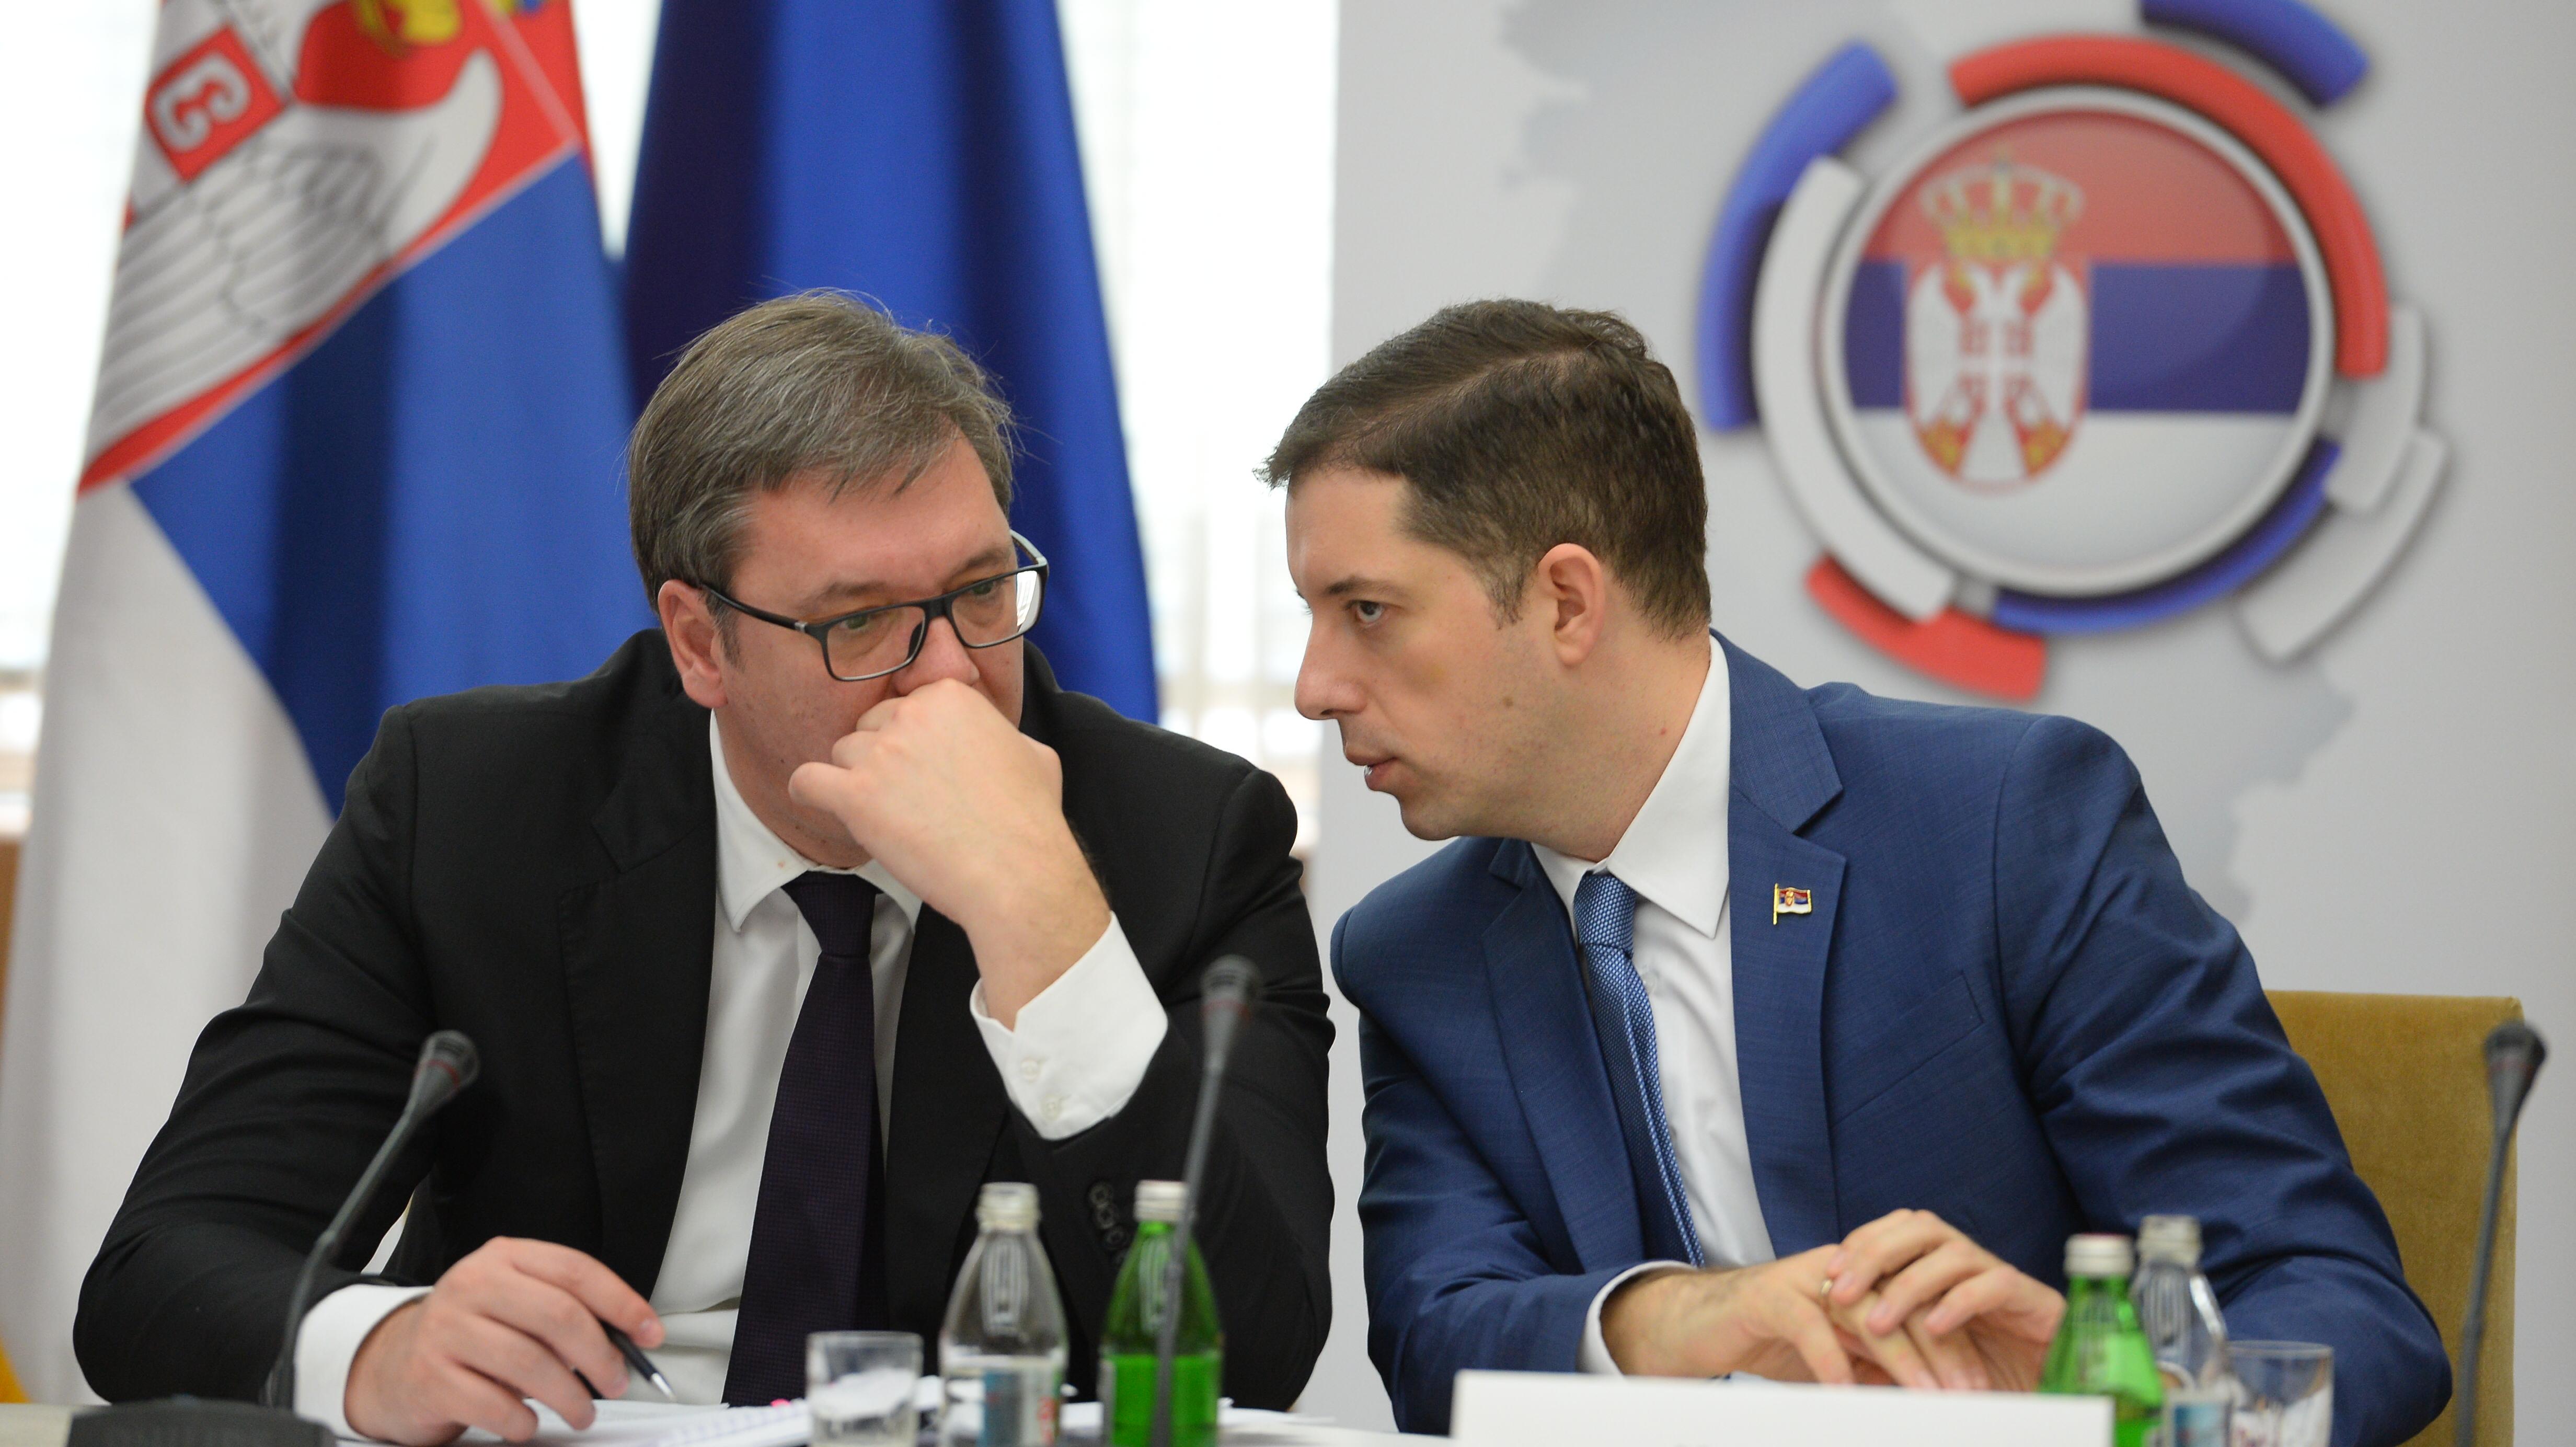 Aleksandar Vučić, Marko Đurić; Foto: Tanjug / Tanja Valić / bg